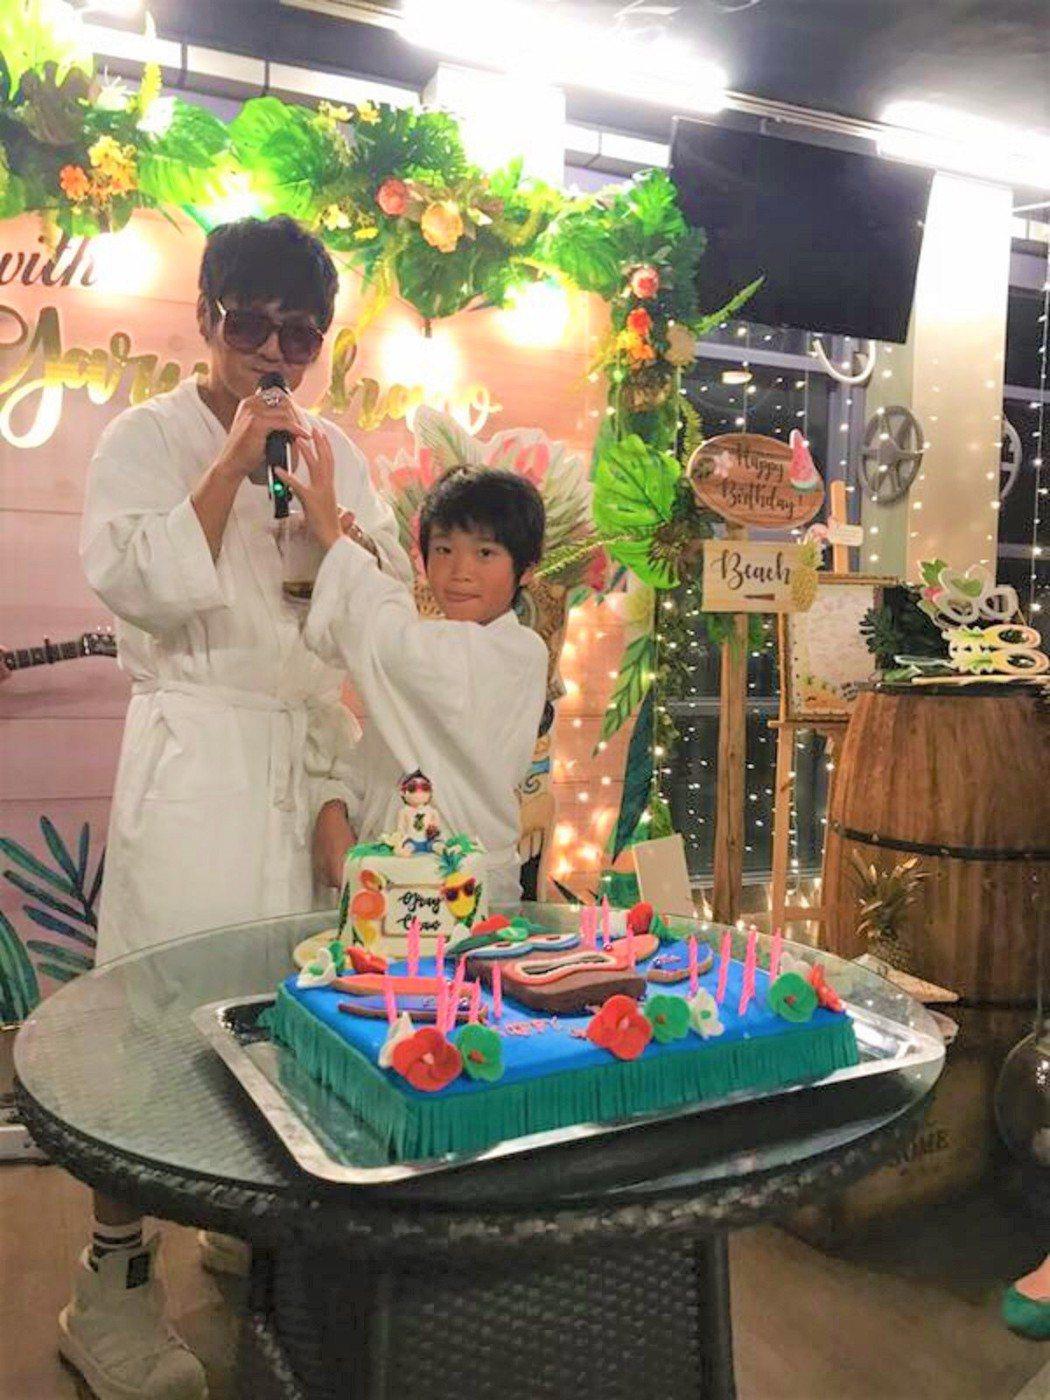 曹格與兒子Joe穿浴袍慶生。圖/擷自曹格官方粉絲專頁